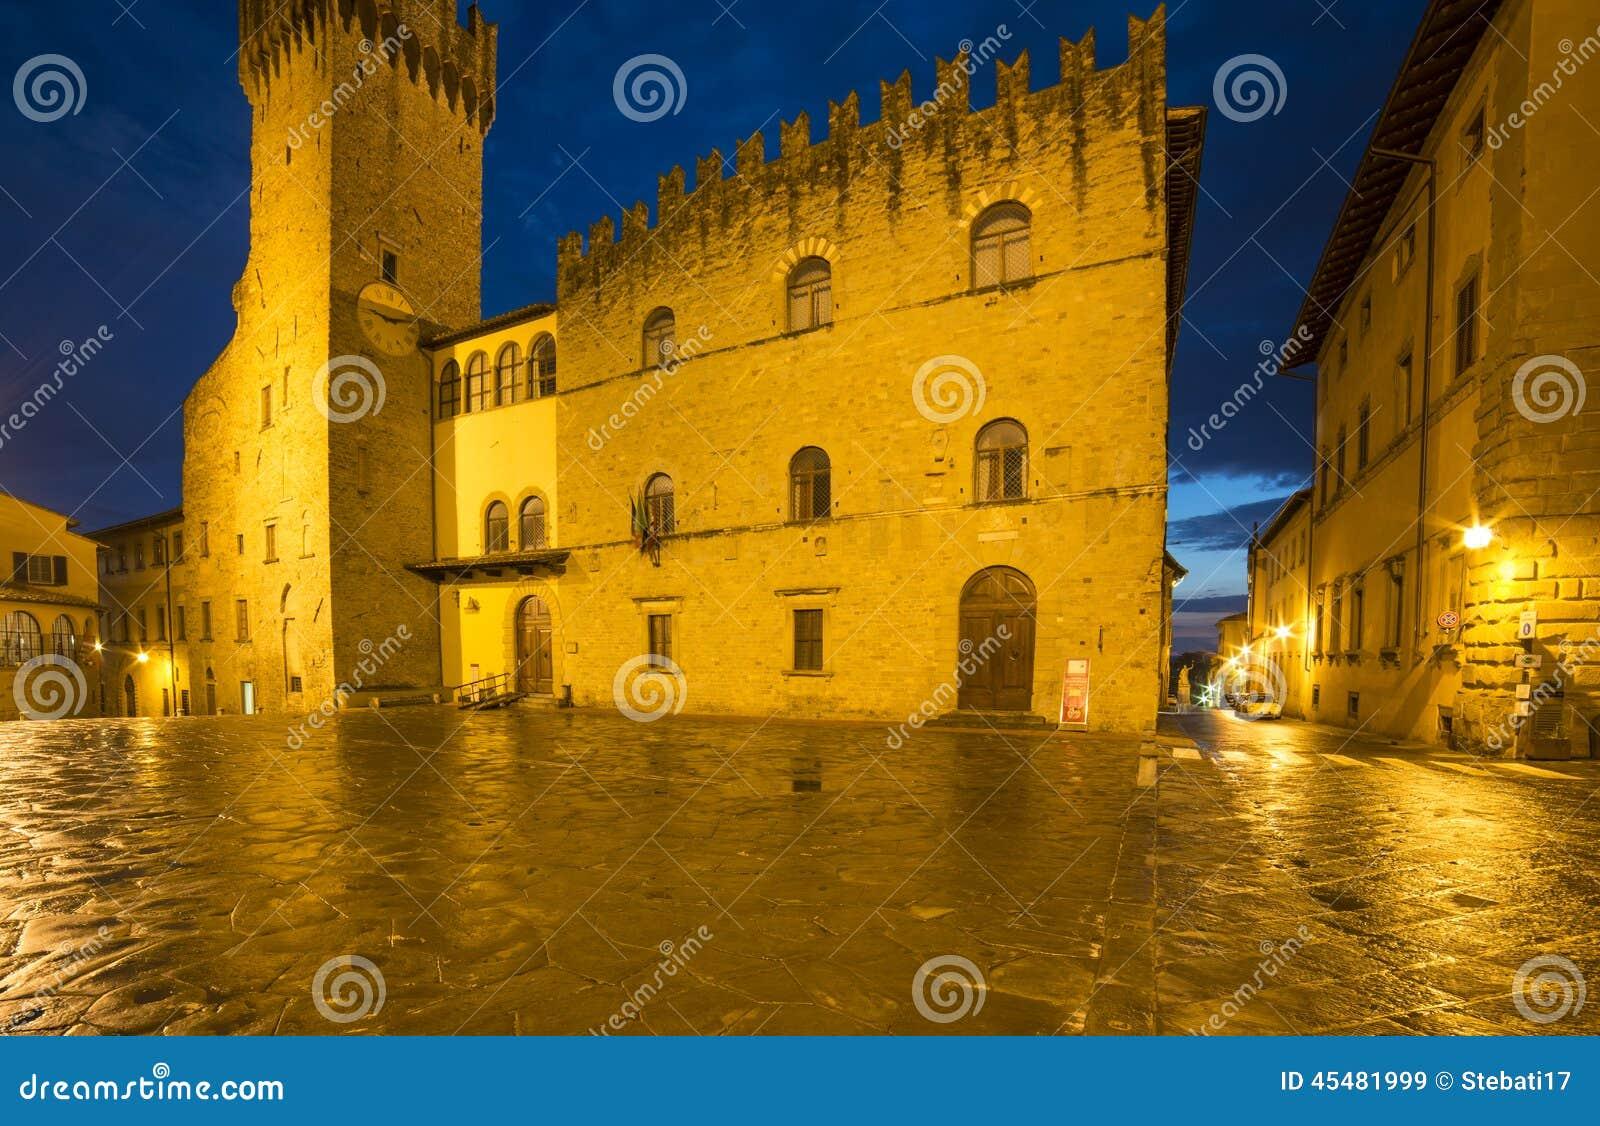 Priors夜阿雷佐托斯卡纳意大利欧洲的宫殿